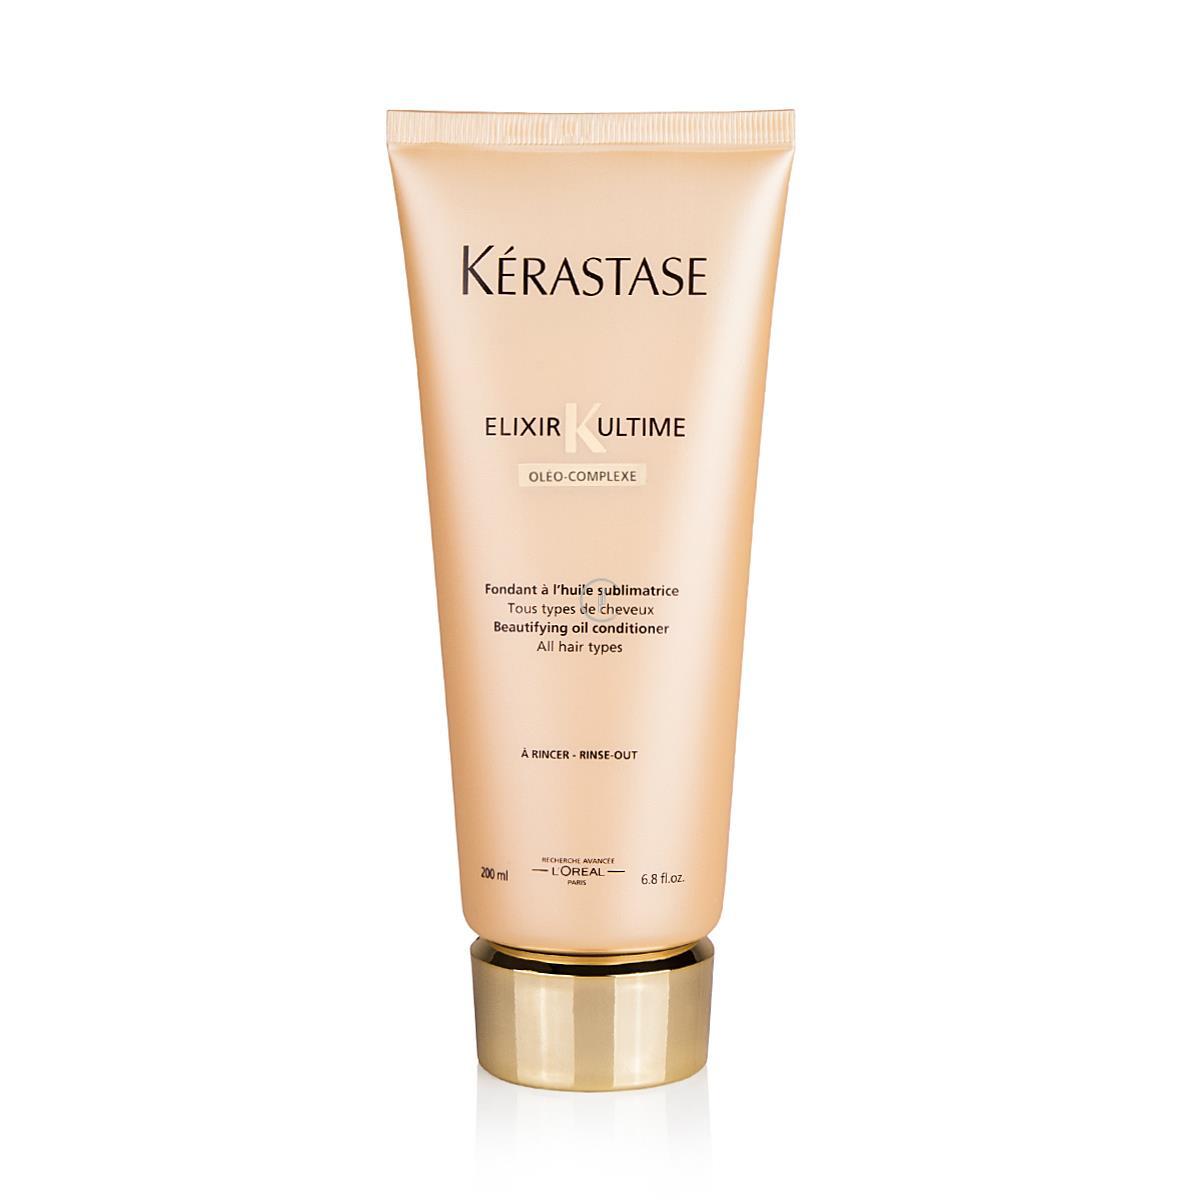 KERASTASE Elixir Ultime Beautifying Oil Conditioner - Odżywka do włosów na bazie szlachetnych olejków